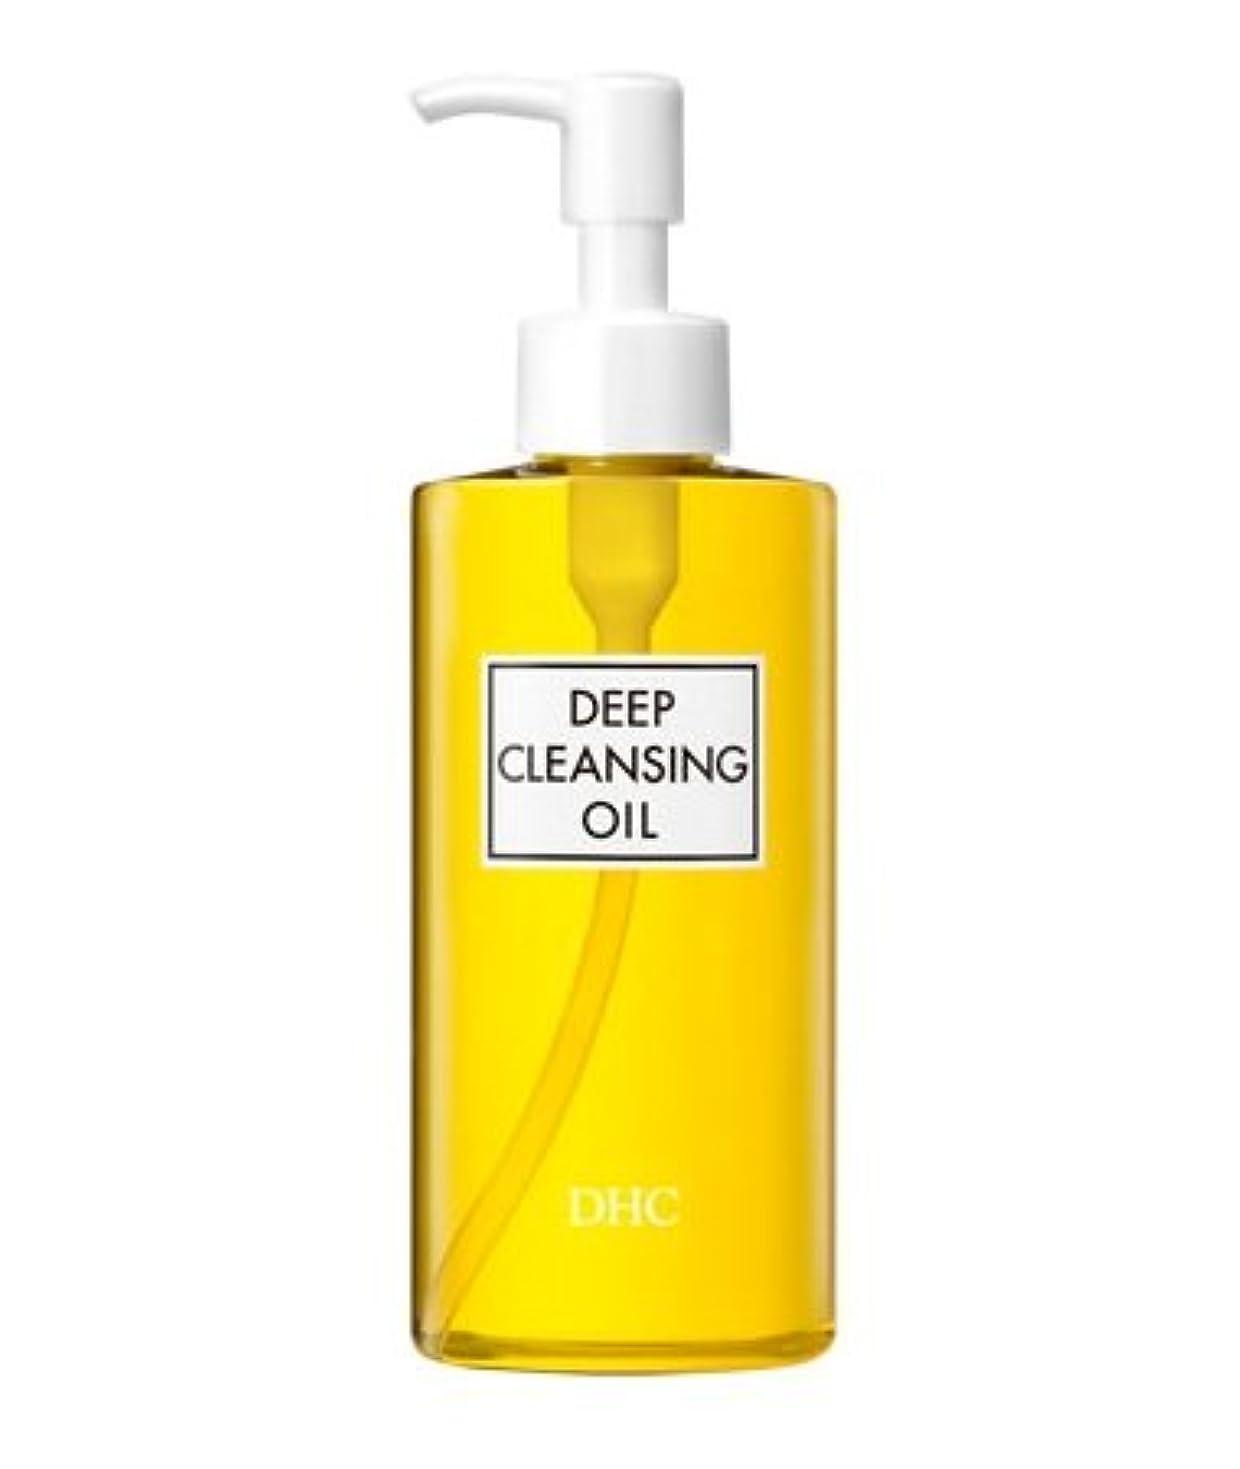 フリース因子補足DHC薬用ディープクレンジングオイル(L) 200ML  (並行輸入品)